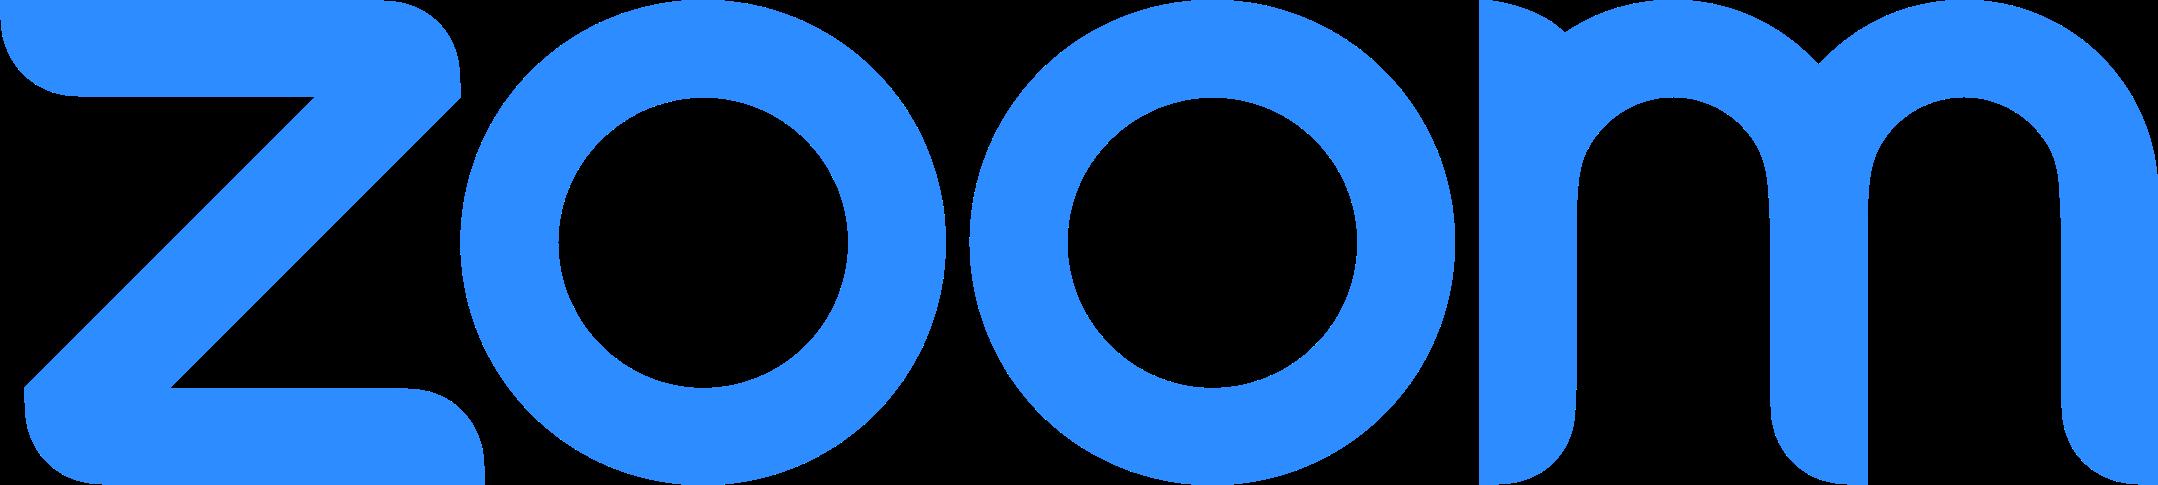 zoom logo 1 - Zoom Logo